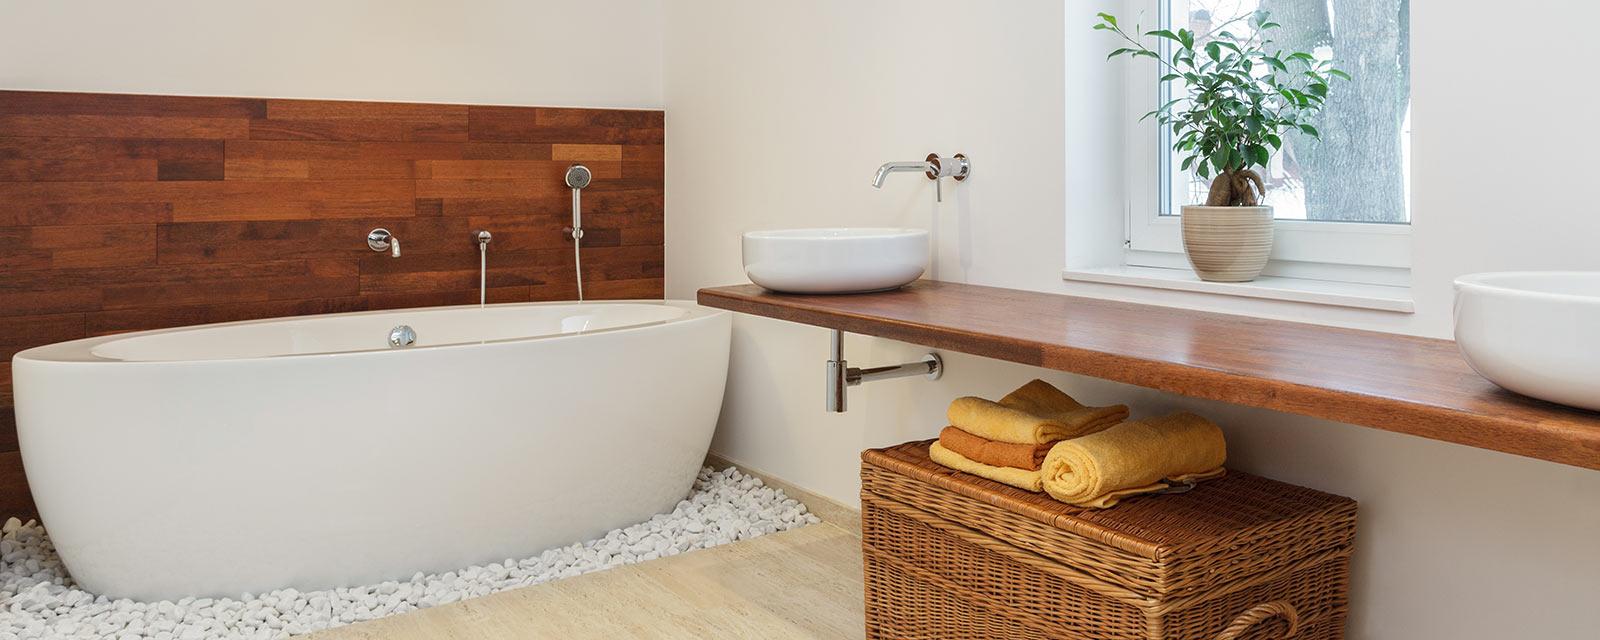 Alternative Carrelage Mural Salle De Bain comment rendre sa salle de bains écologique | guide artisan